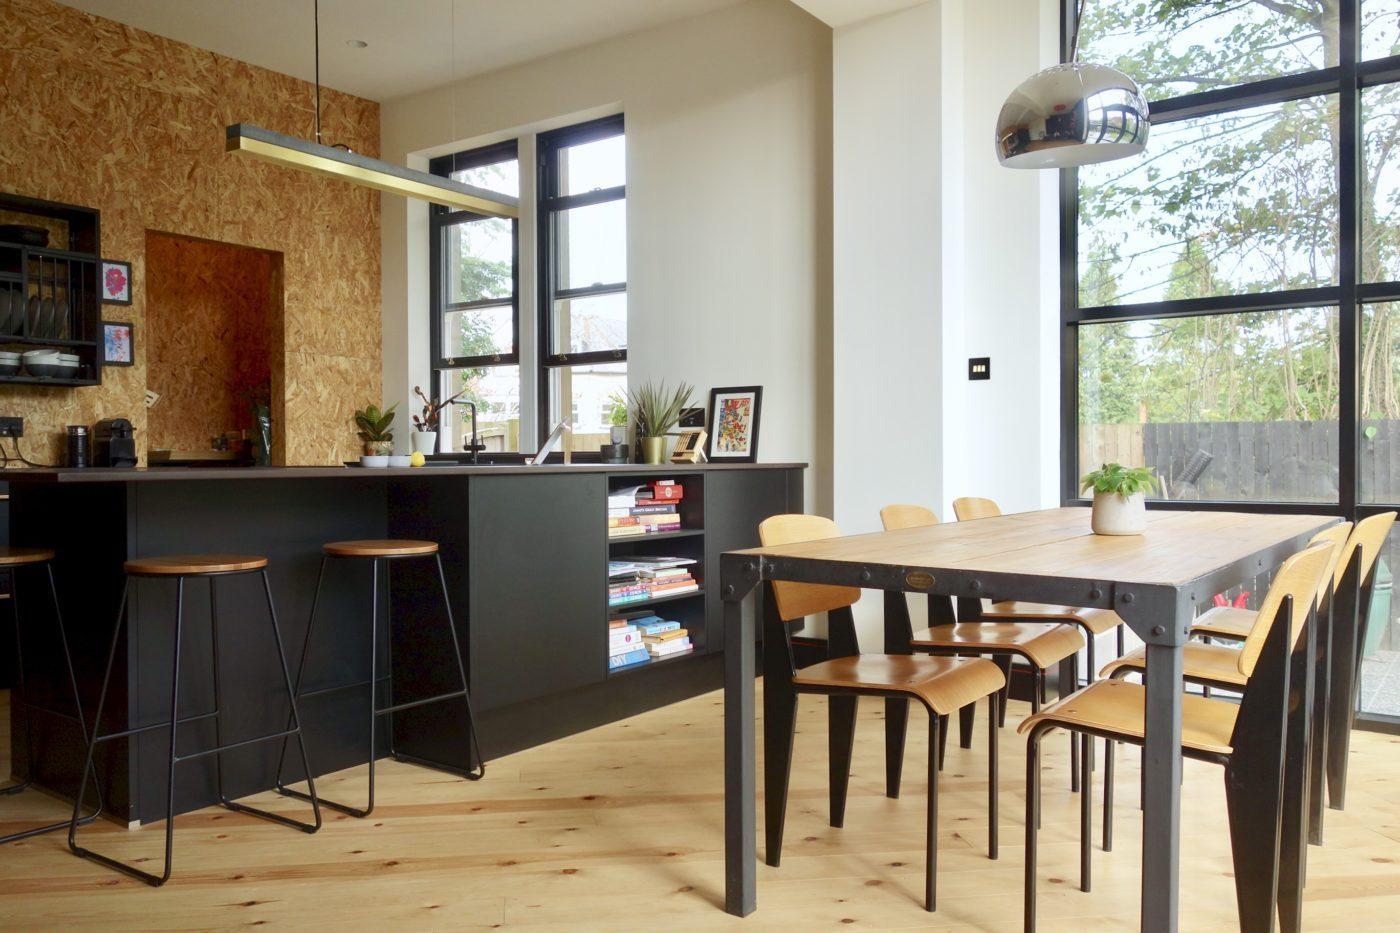 Kitchen Design Making Spaces